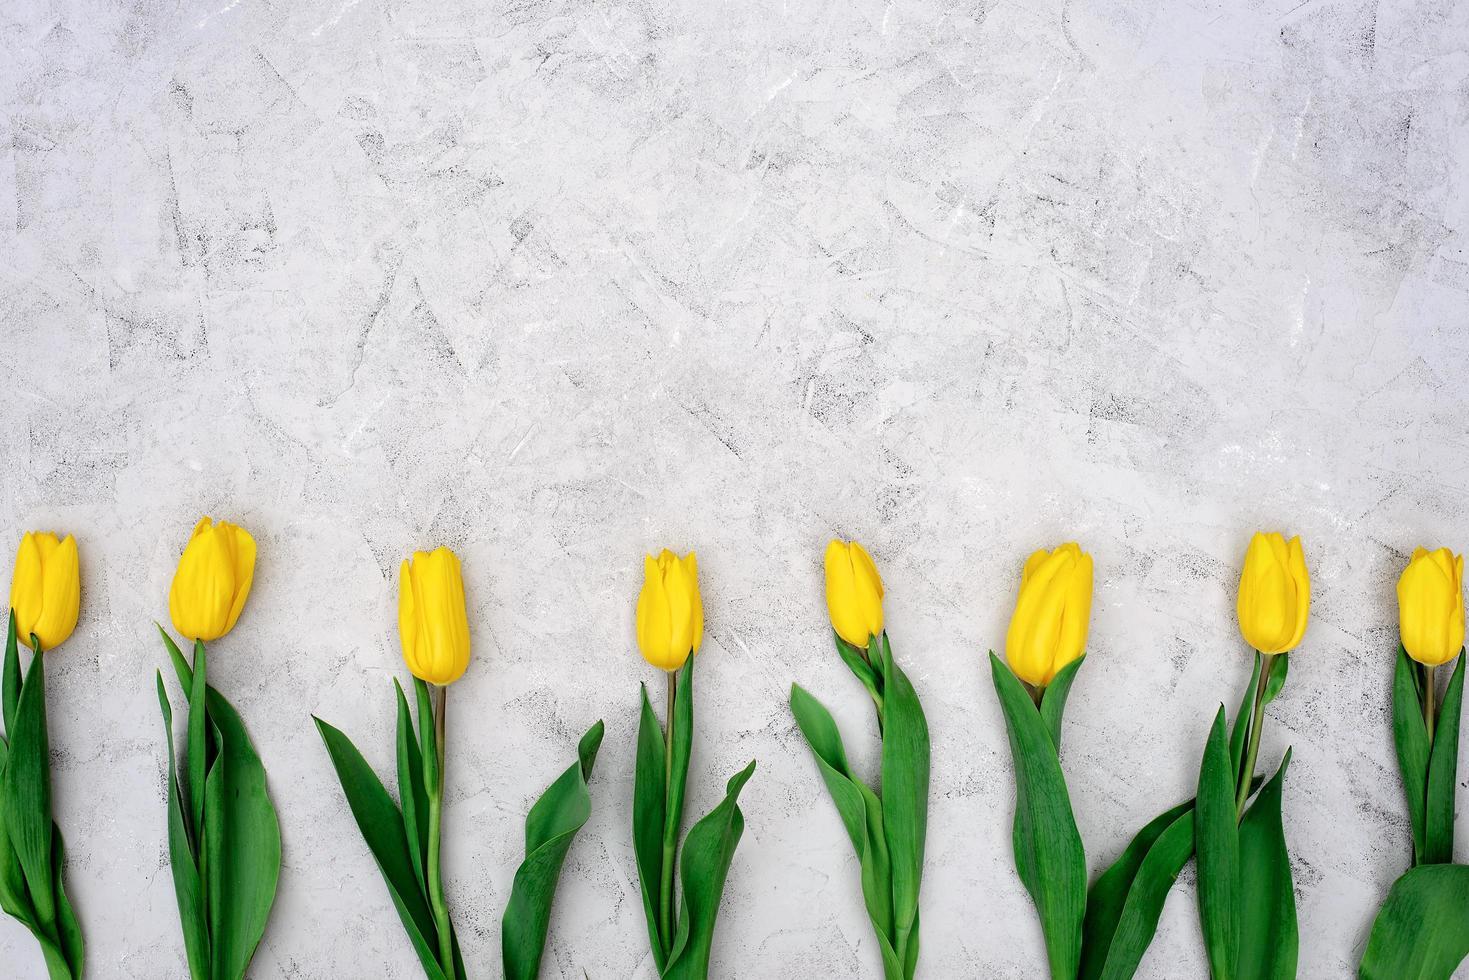 una hilera de flores de tulipán de primavera amarilla sobre un fondo de piedra clara. endecha plana. copie el espacio. día de la Madre. día Internacional de la Mujer. foto